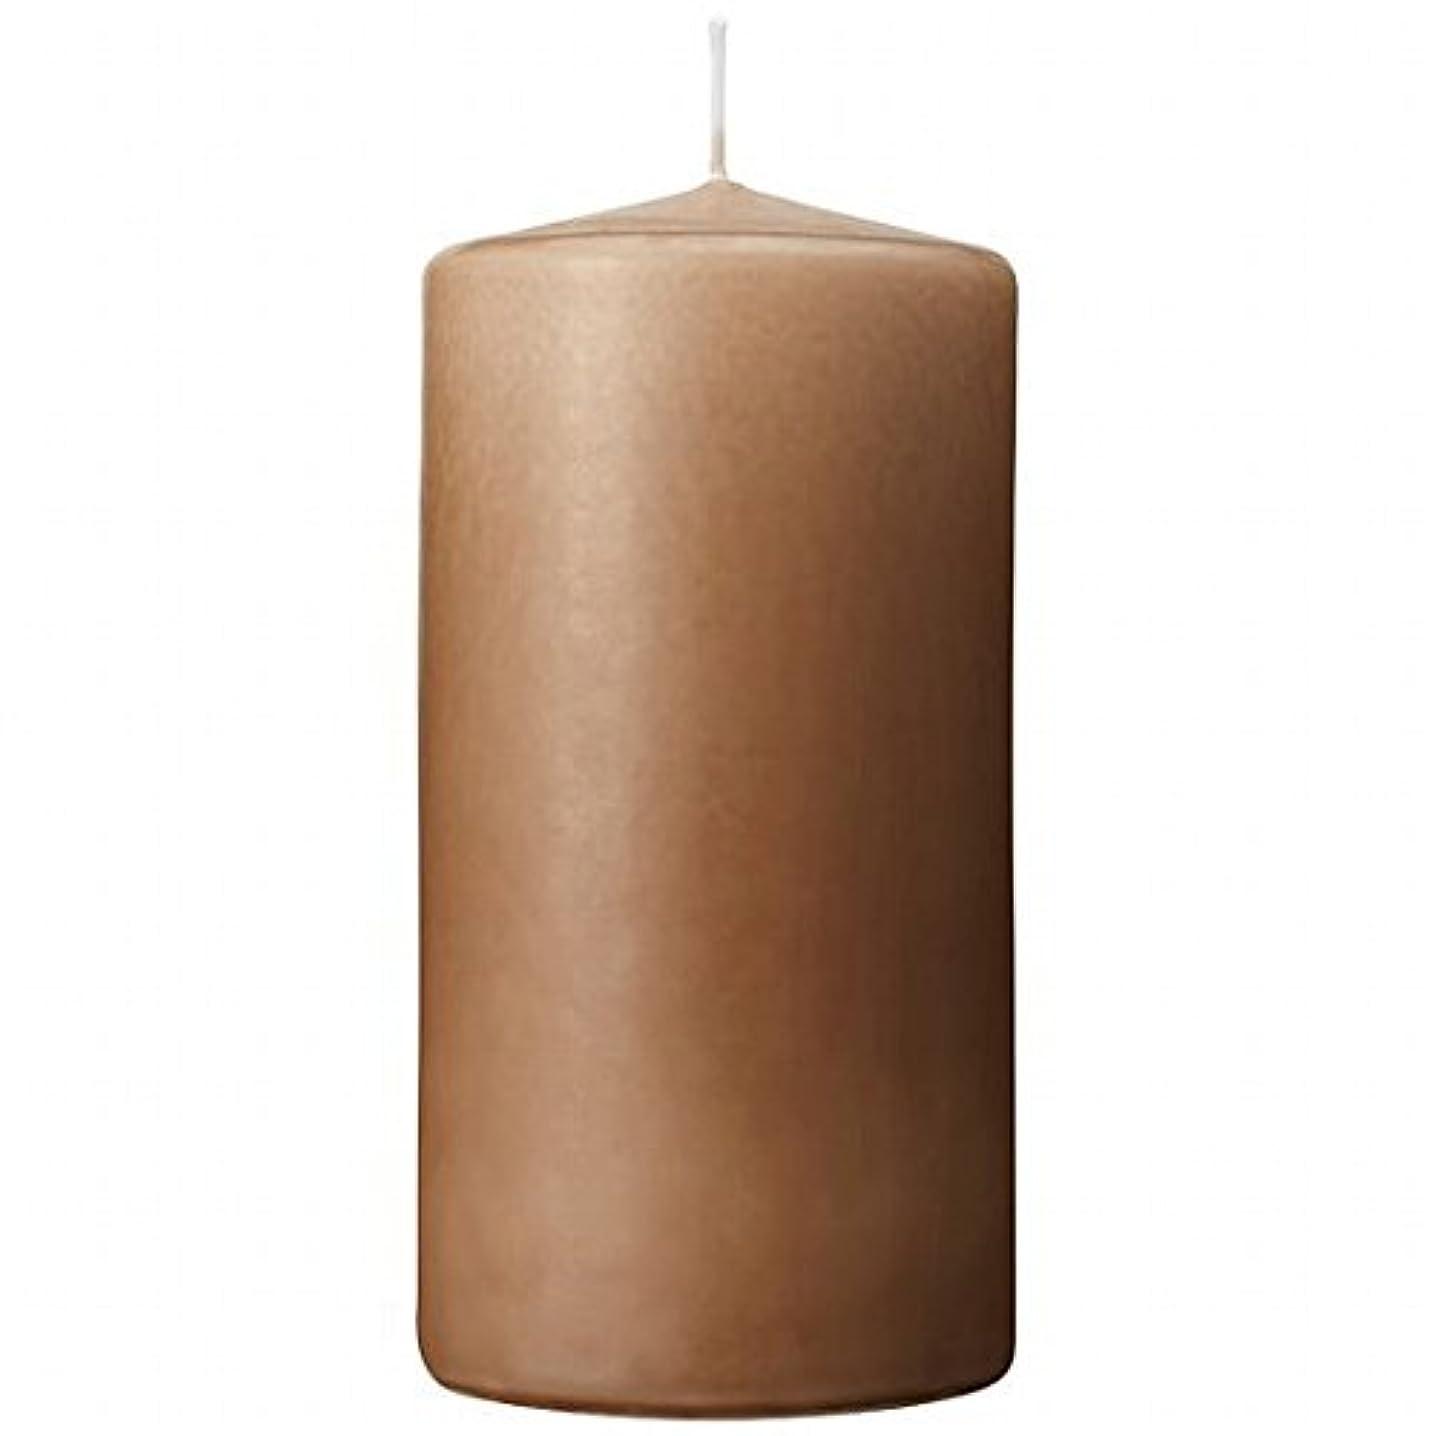 電報忘れっぽいフォルダカメヤマキャンドル(kameyama candle) 3×6ベルトップピラーキャンドル 「 モカ 」